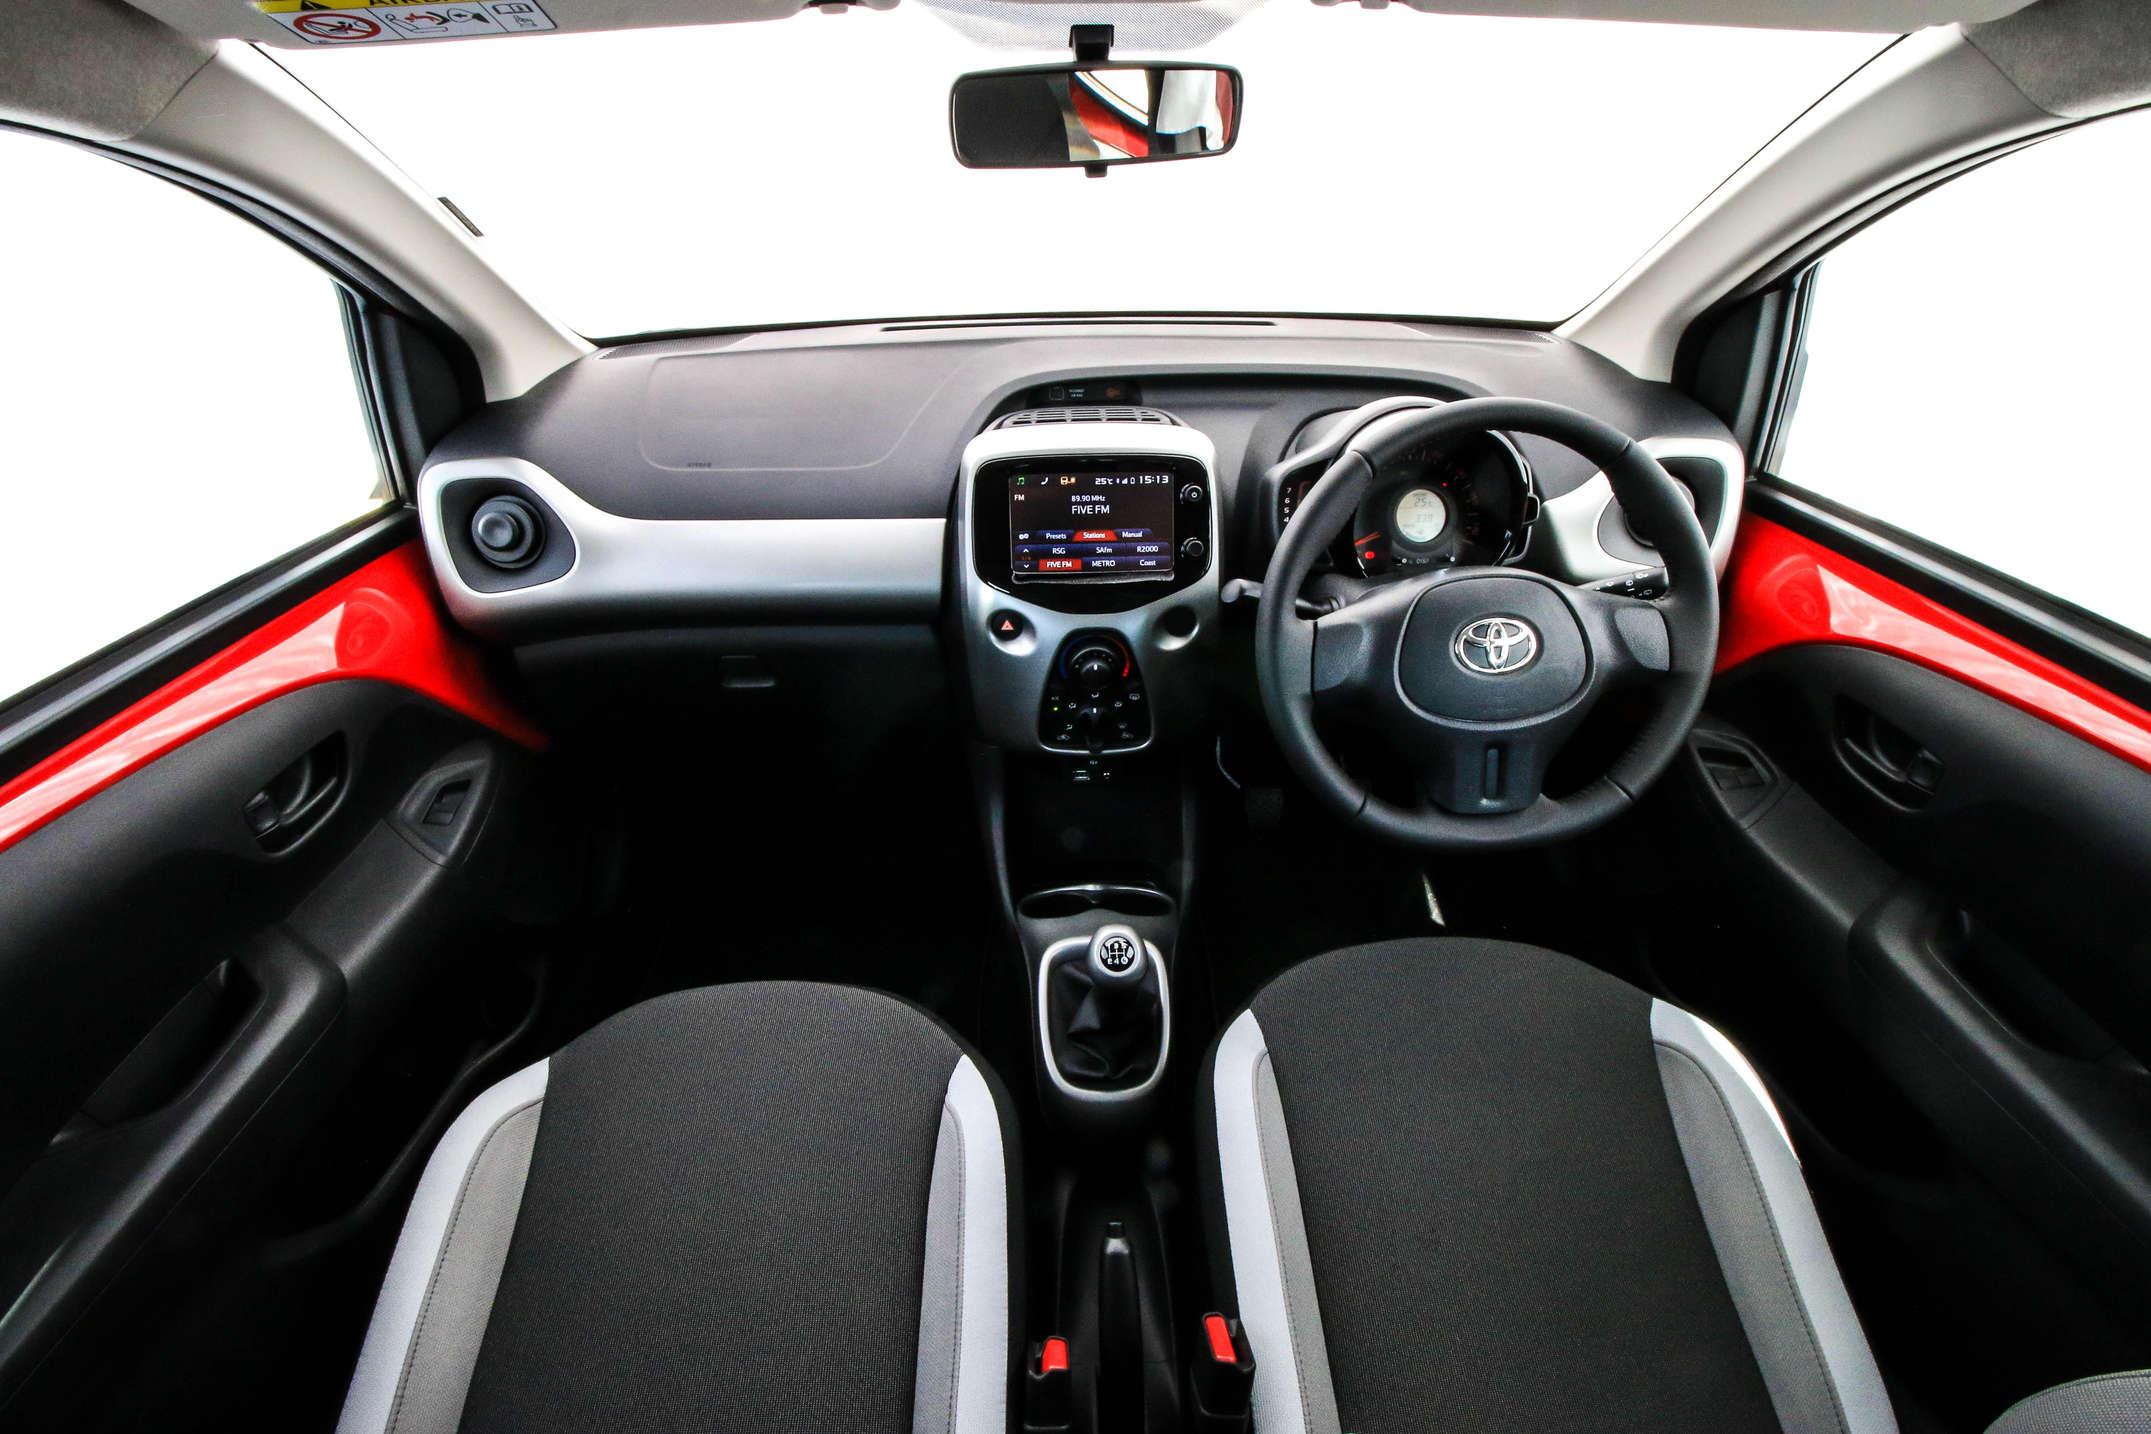 New Toyota Aygo Lrg-207